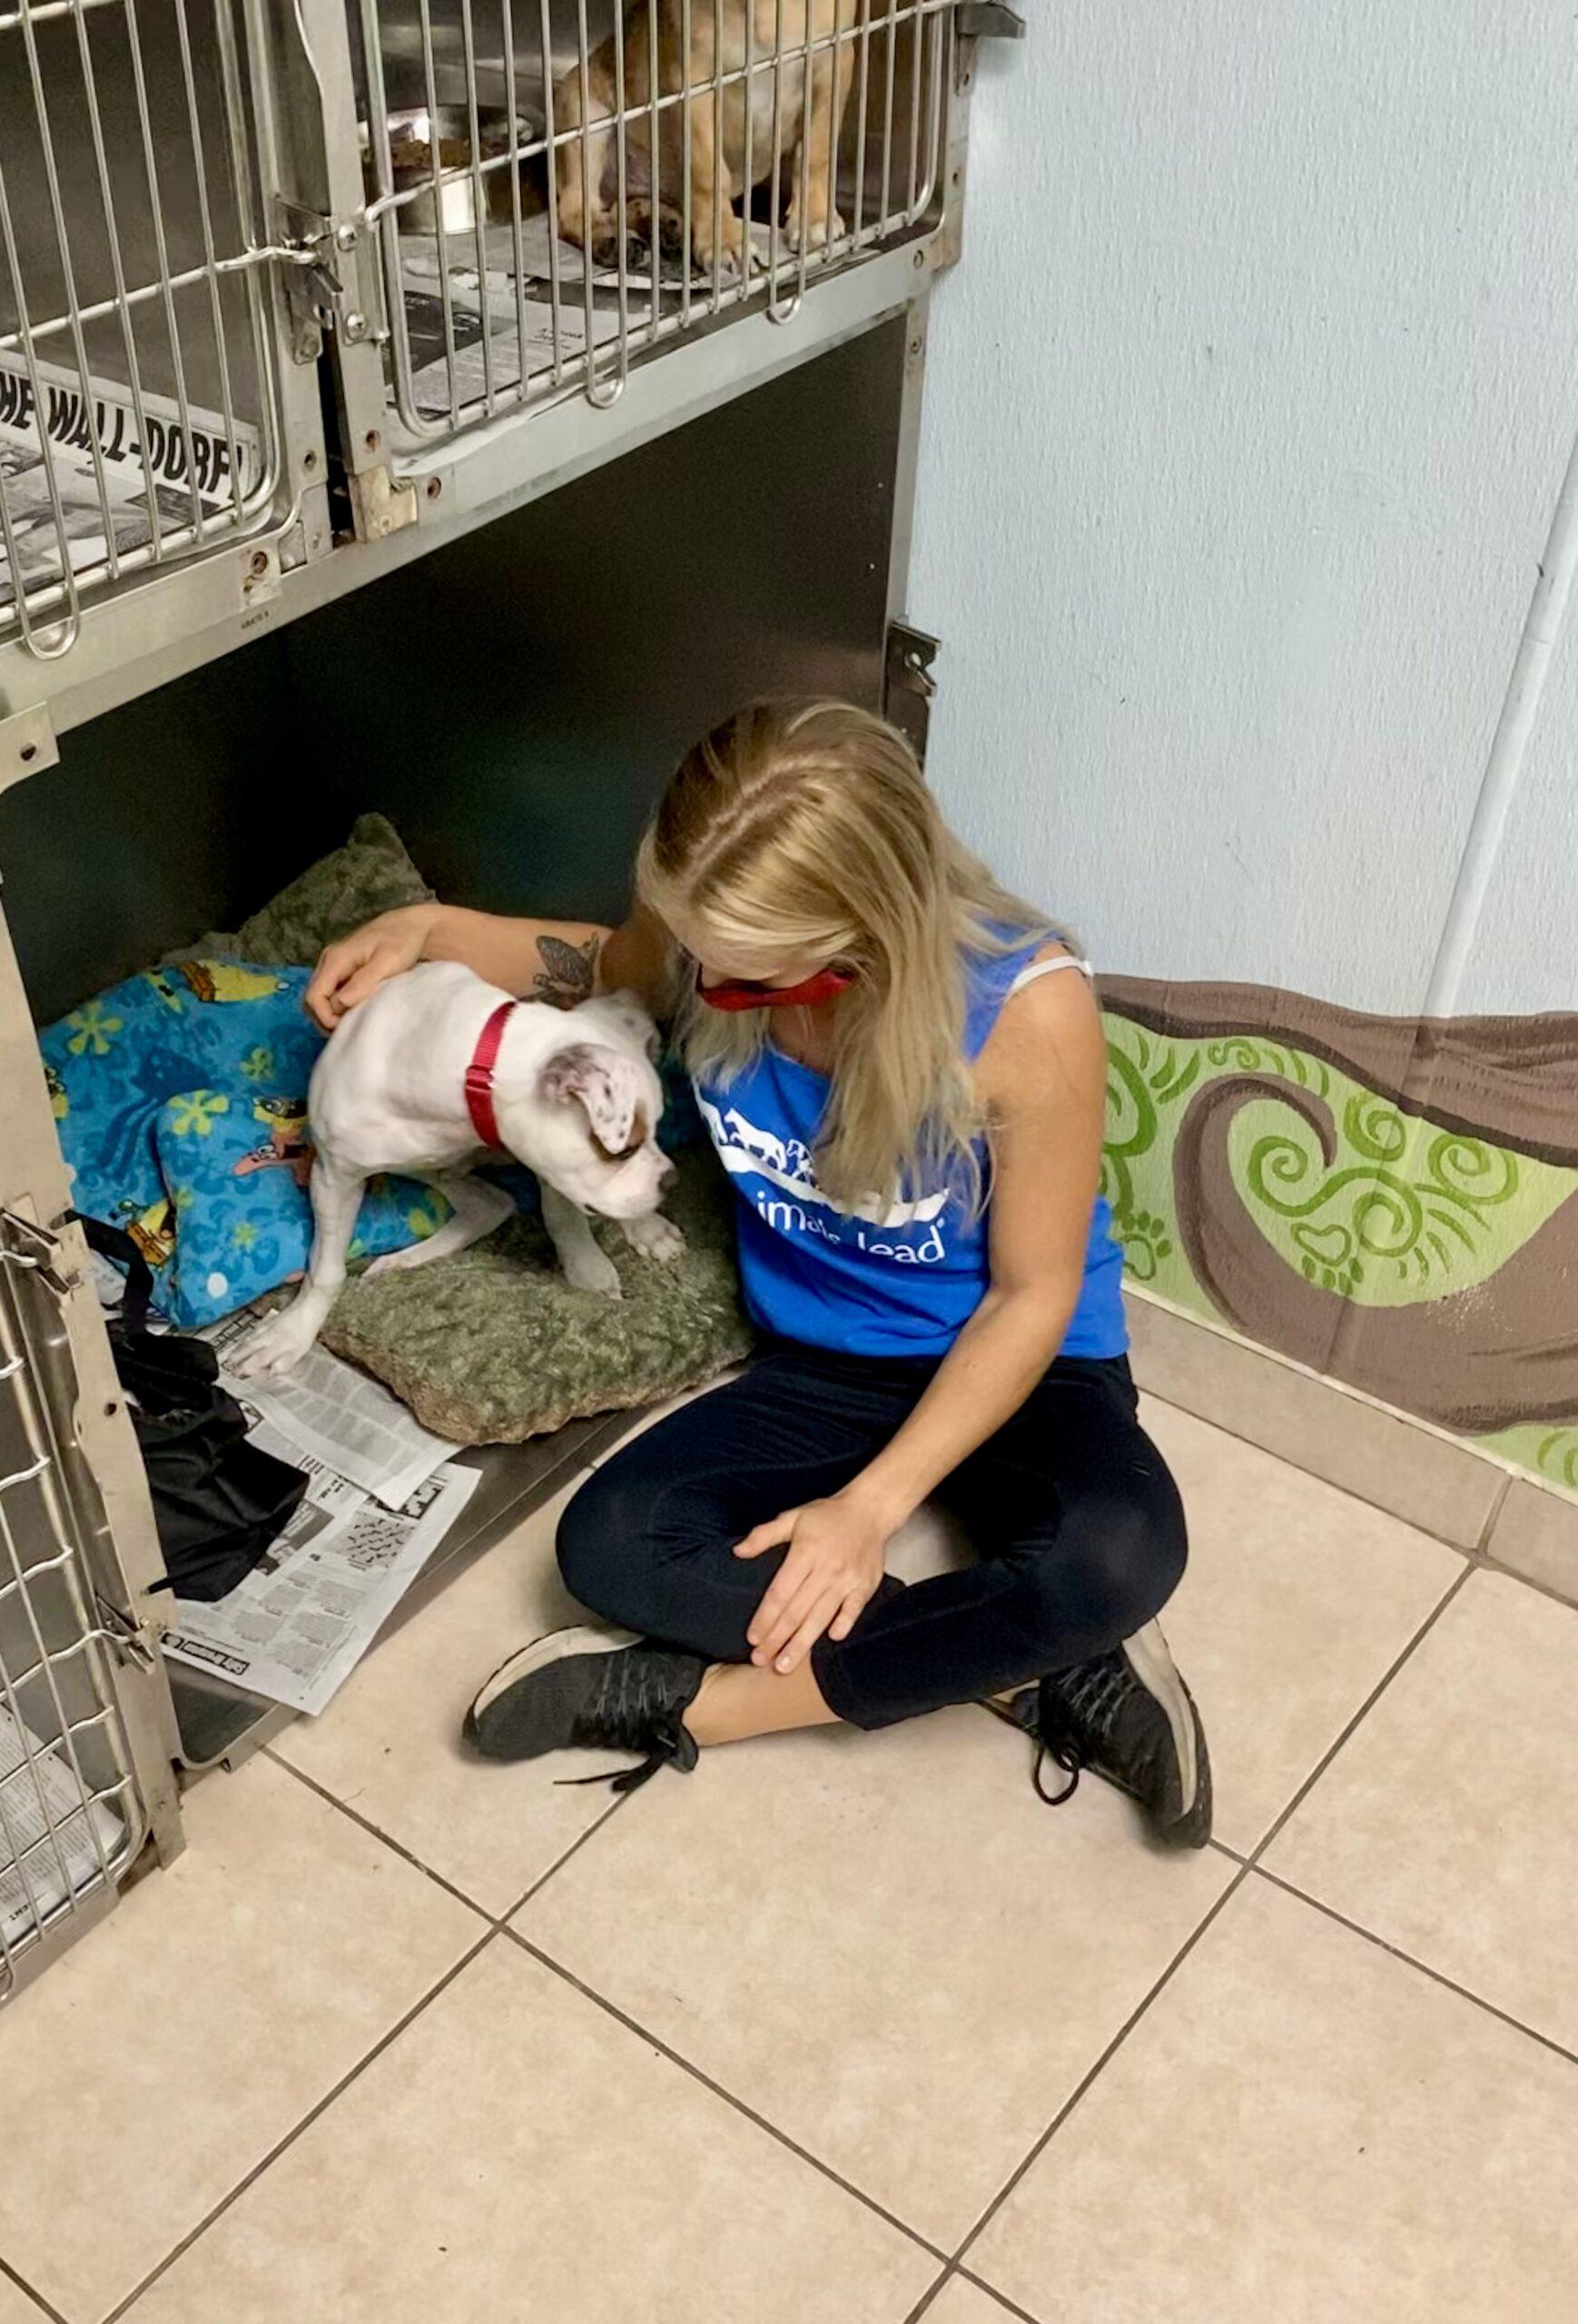 Kala Hall and a dog named brutus